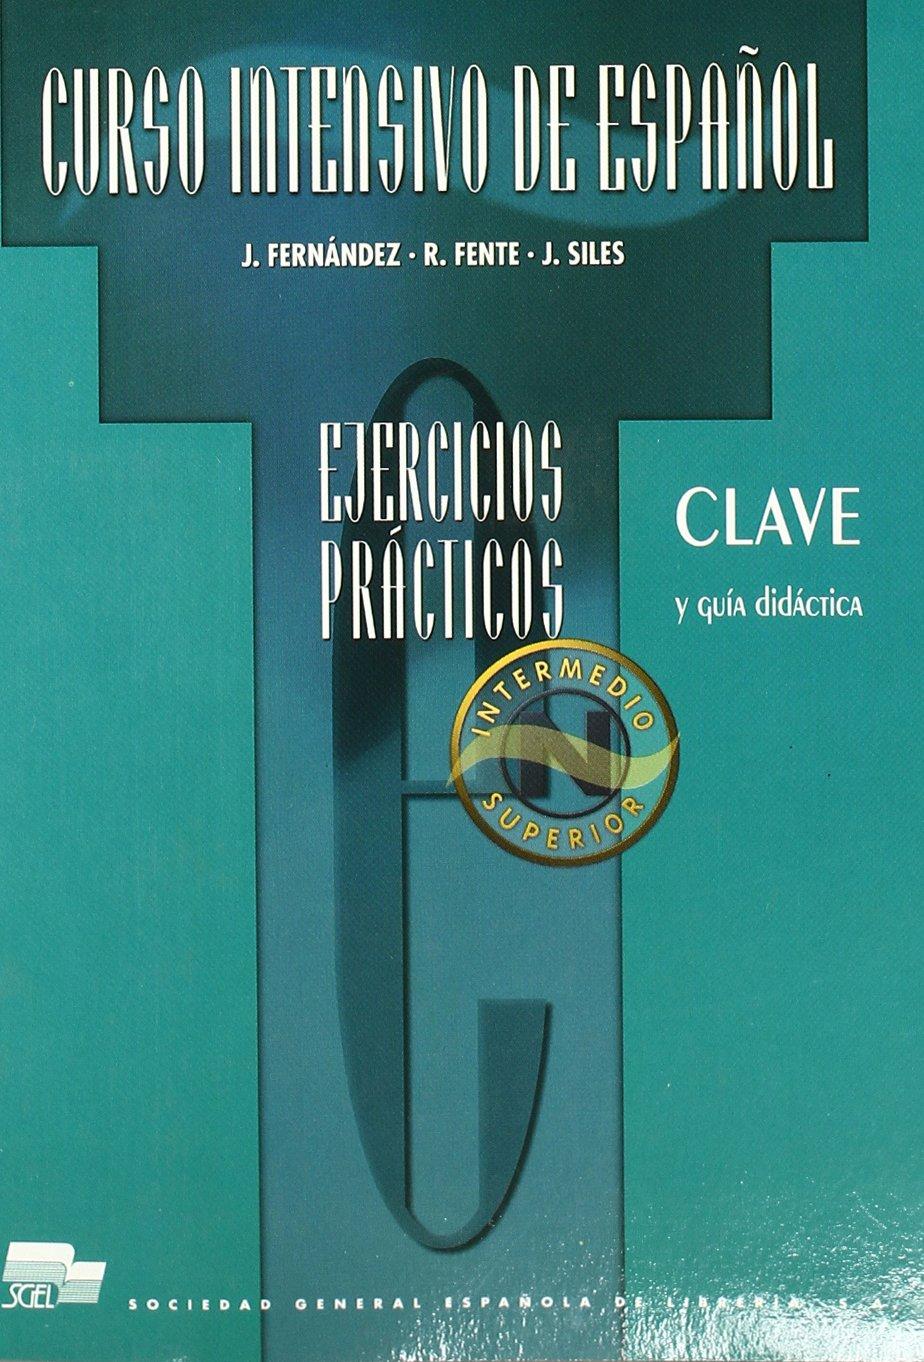 Curso intensivo de espanol. Clave / Curso intensivo de español. Clave: Intermedio y superior